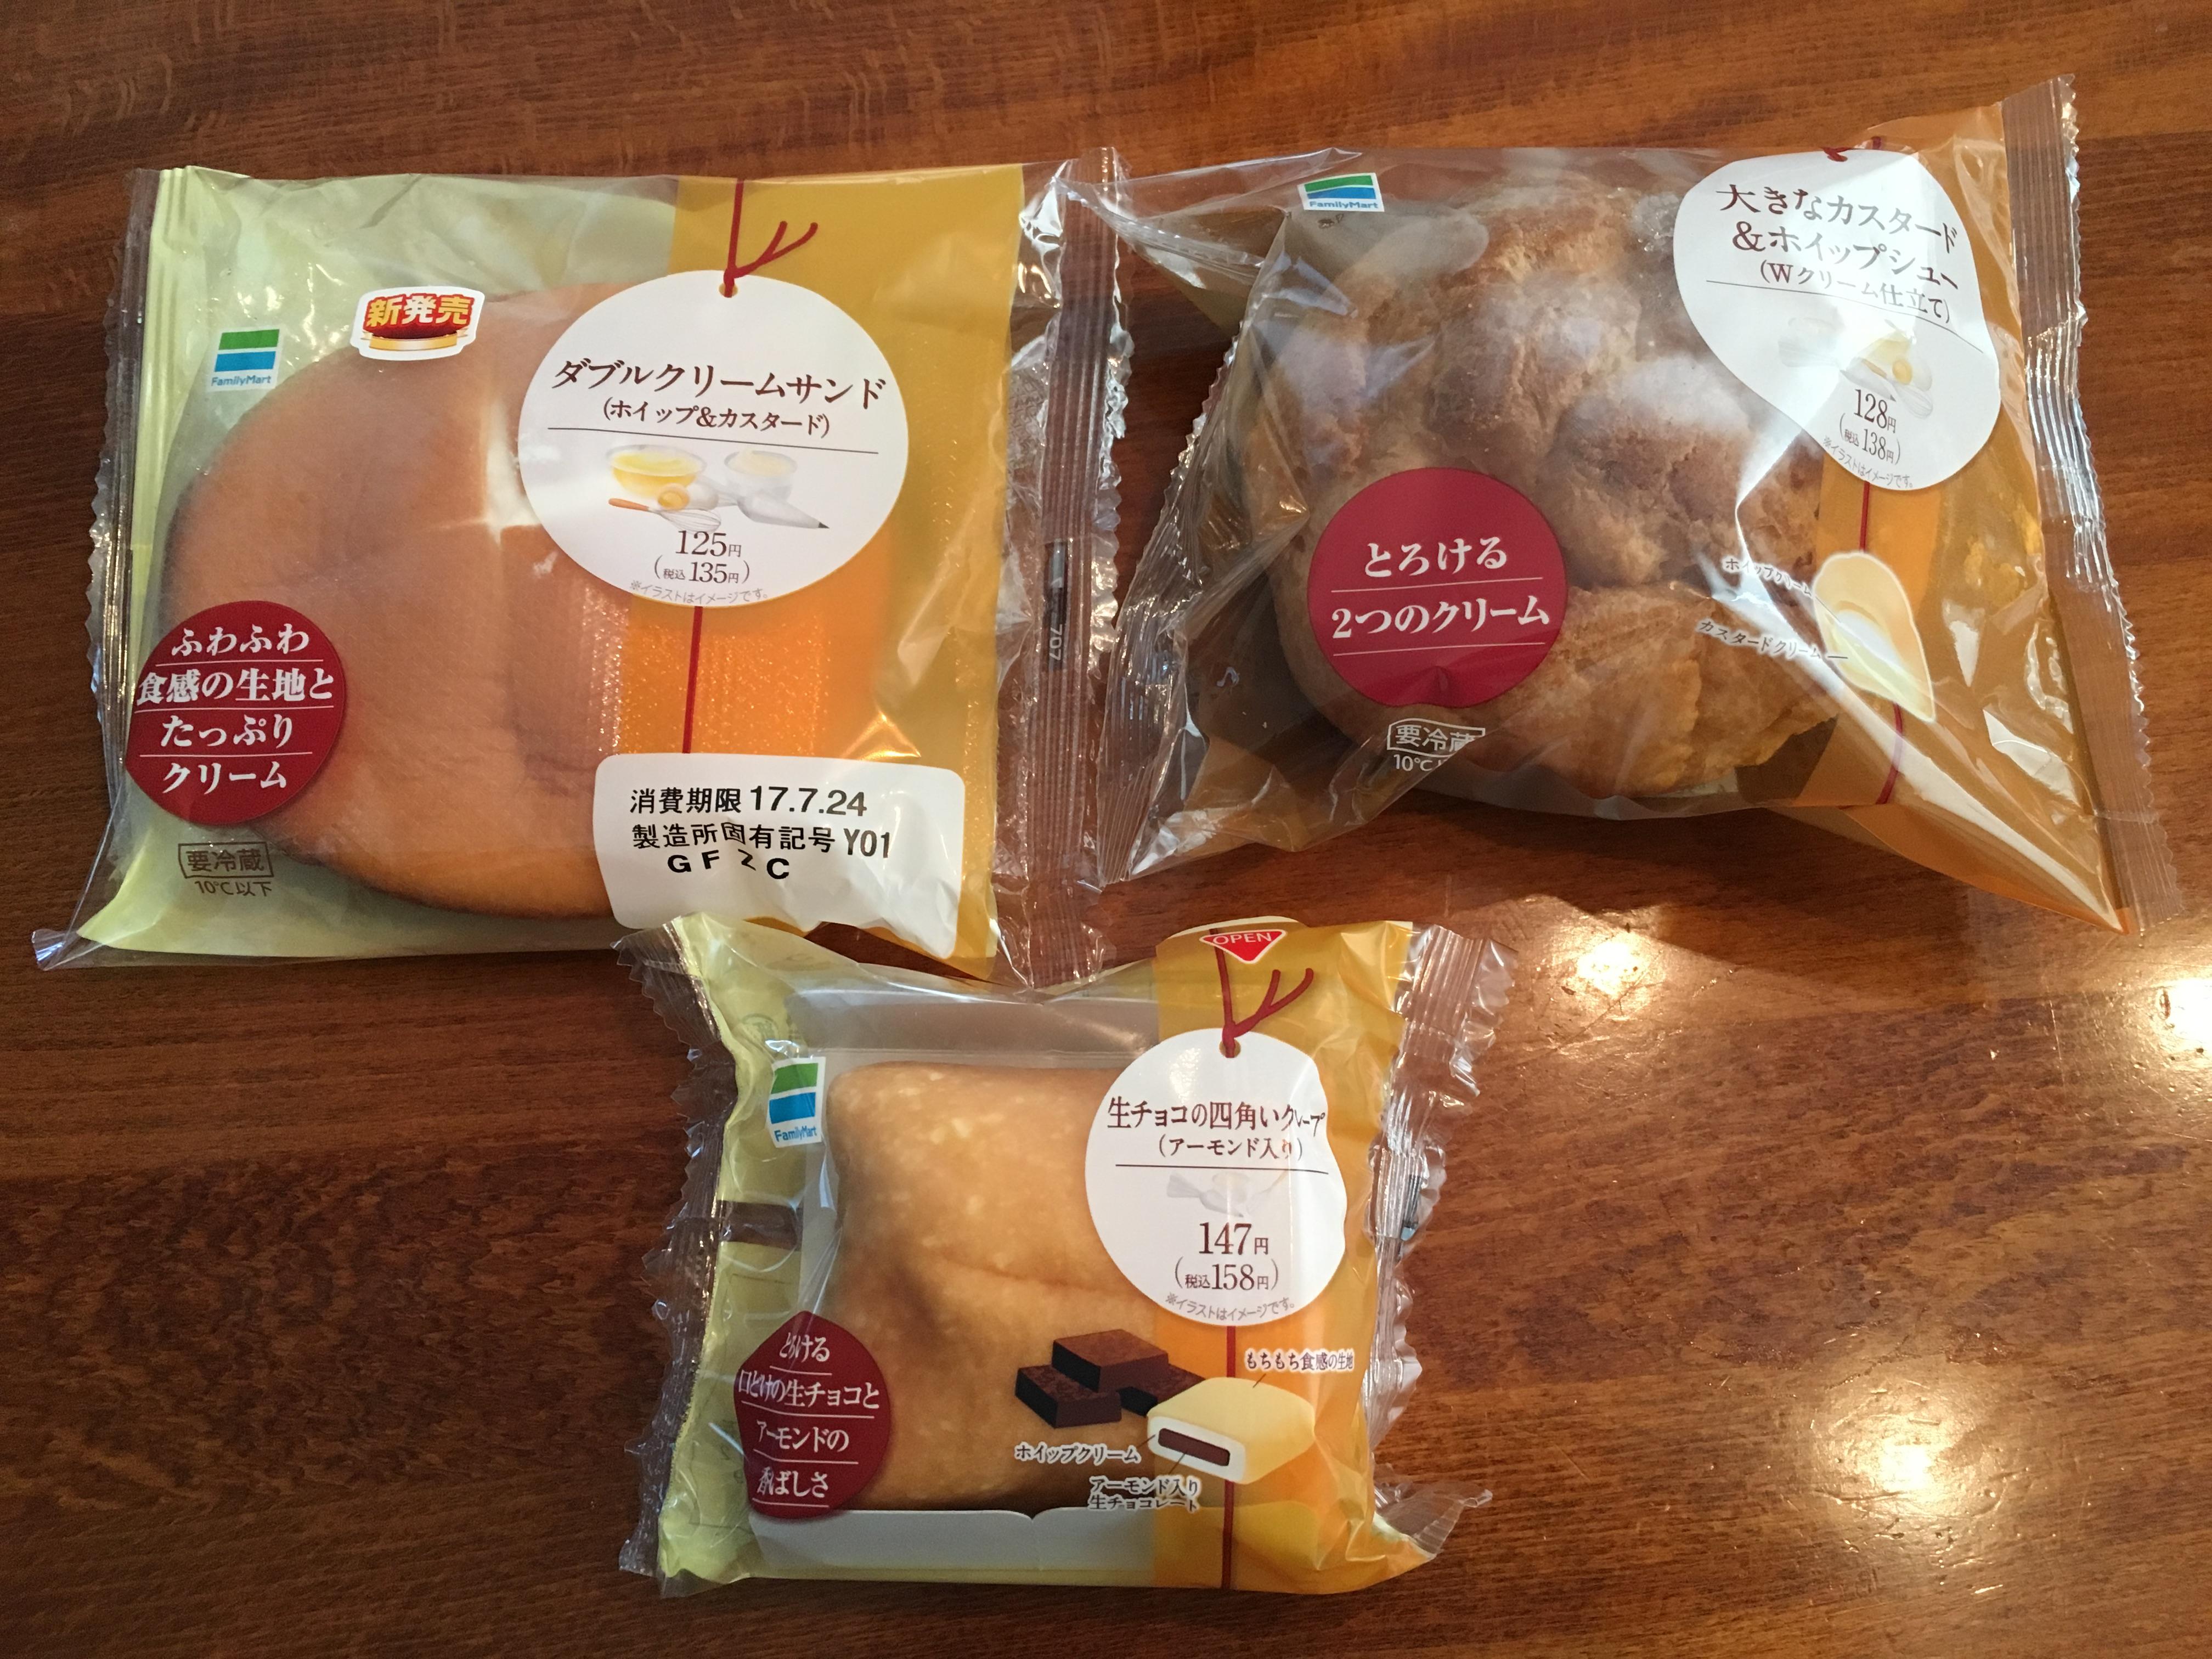 ファミマのクリームたっぷりシリーズ3種を食べ比べ実食レポート!